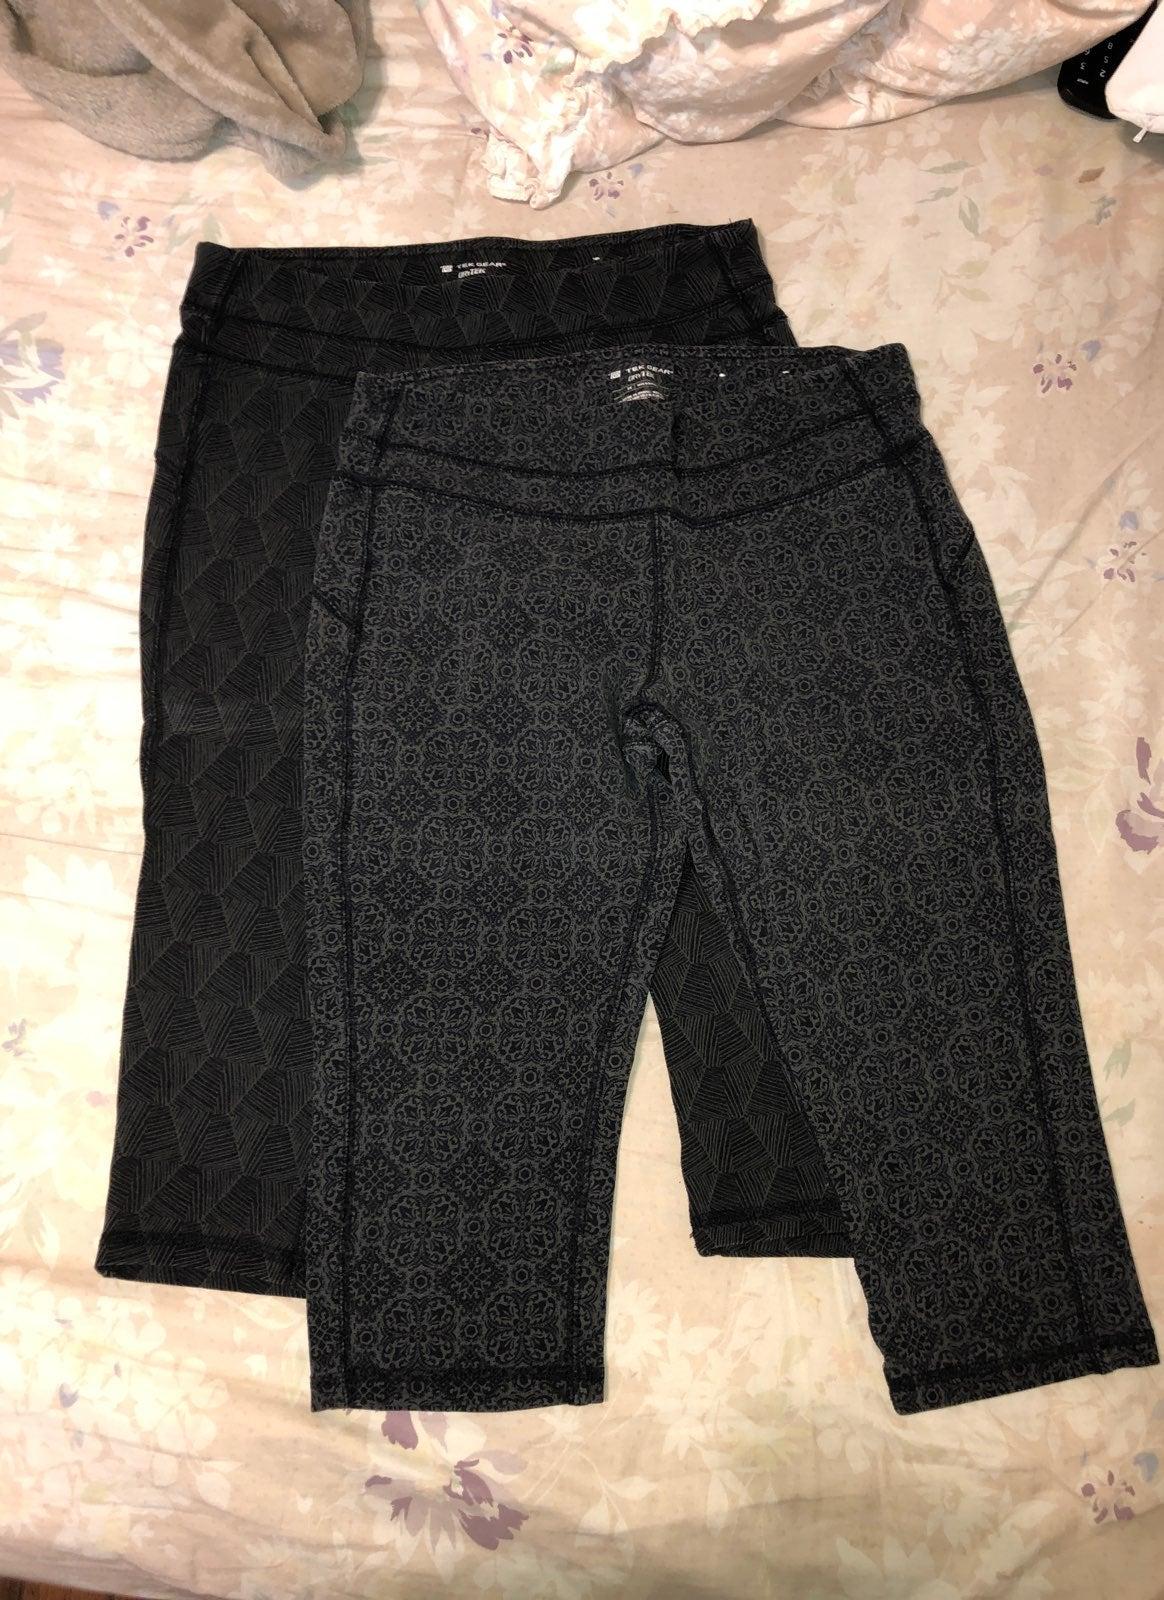 (2) Tek Gear Yoga Pants